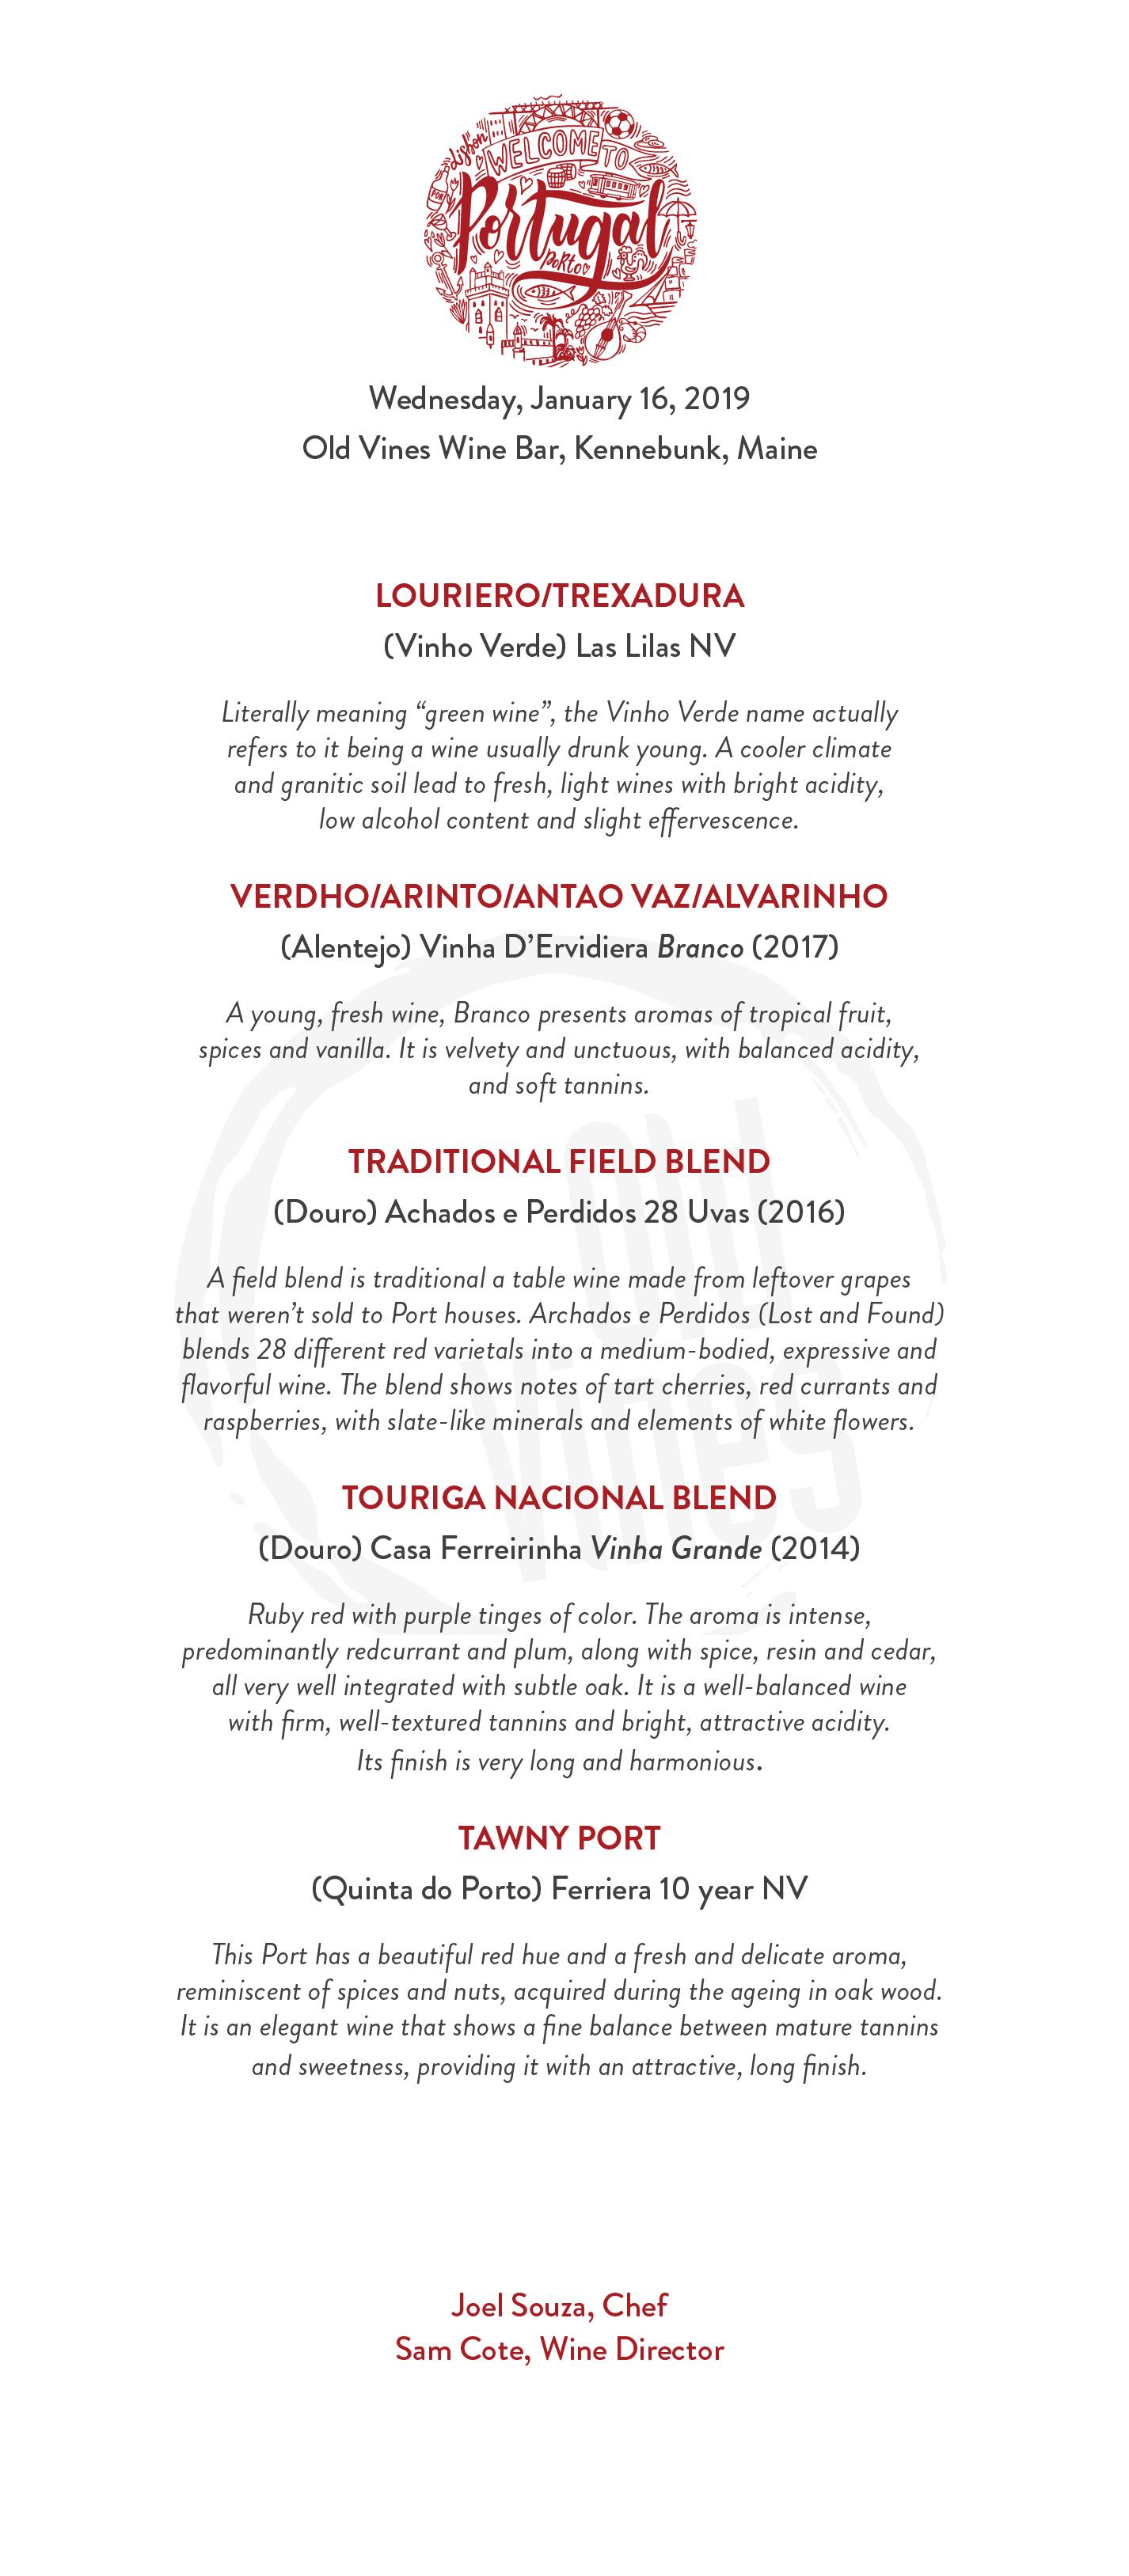 2019 portguese family dinner menu2.jpg